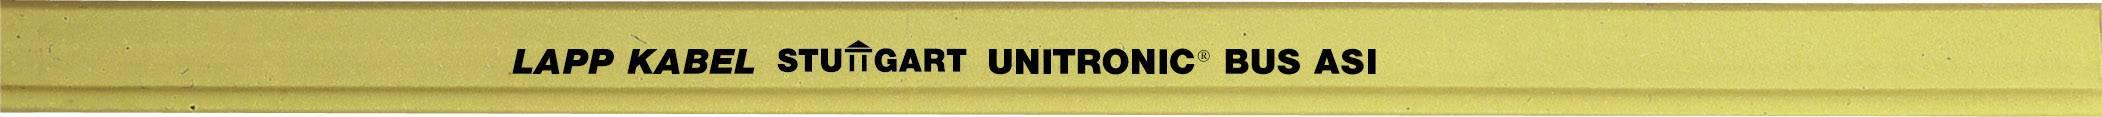 Sběrnicový kabel LAPP UNITRONIC® BUS 2170230, žlutá, 300 m